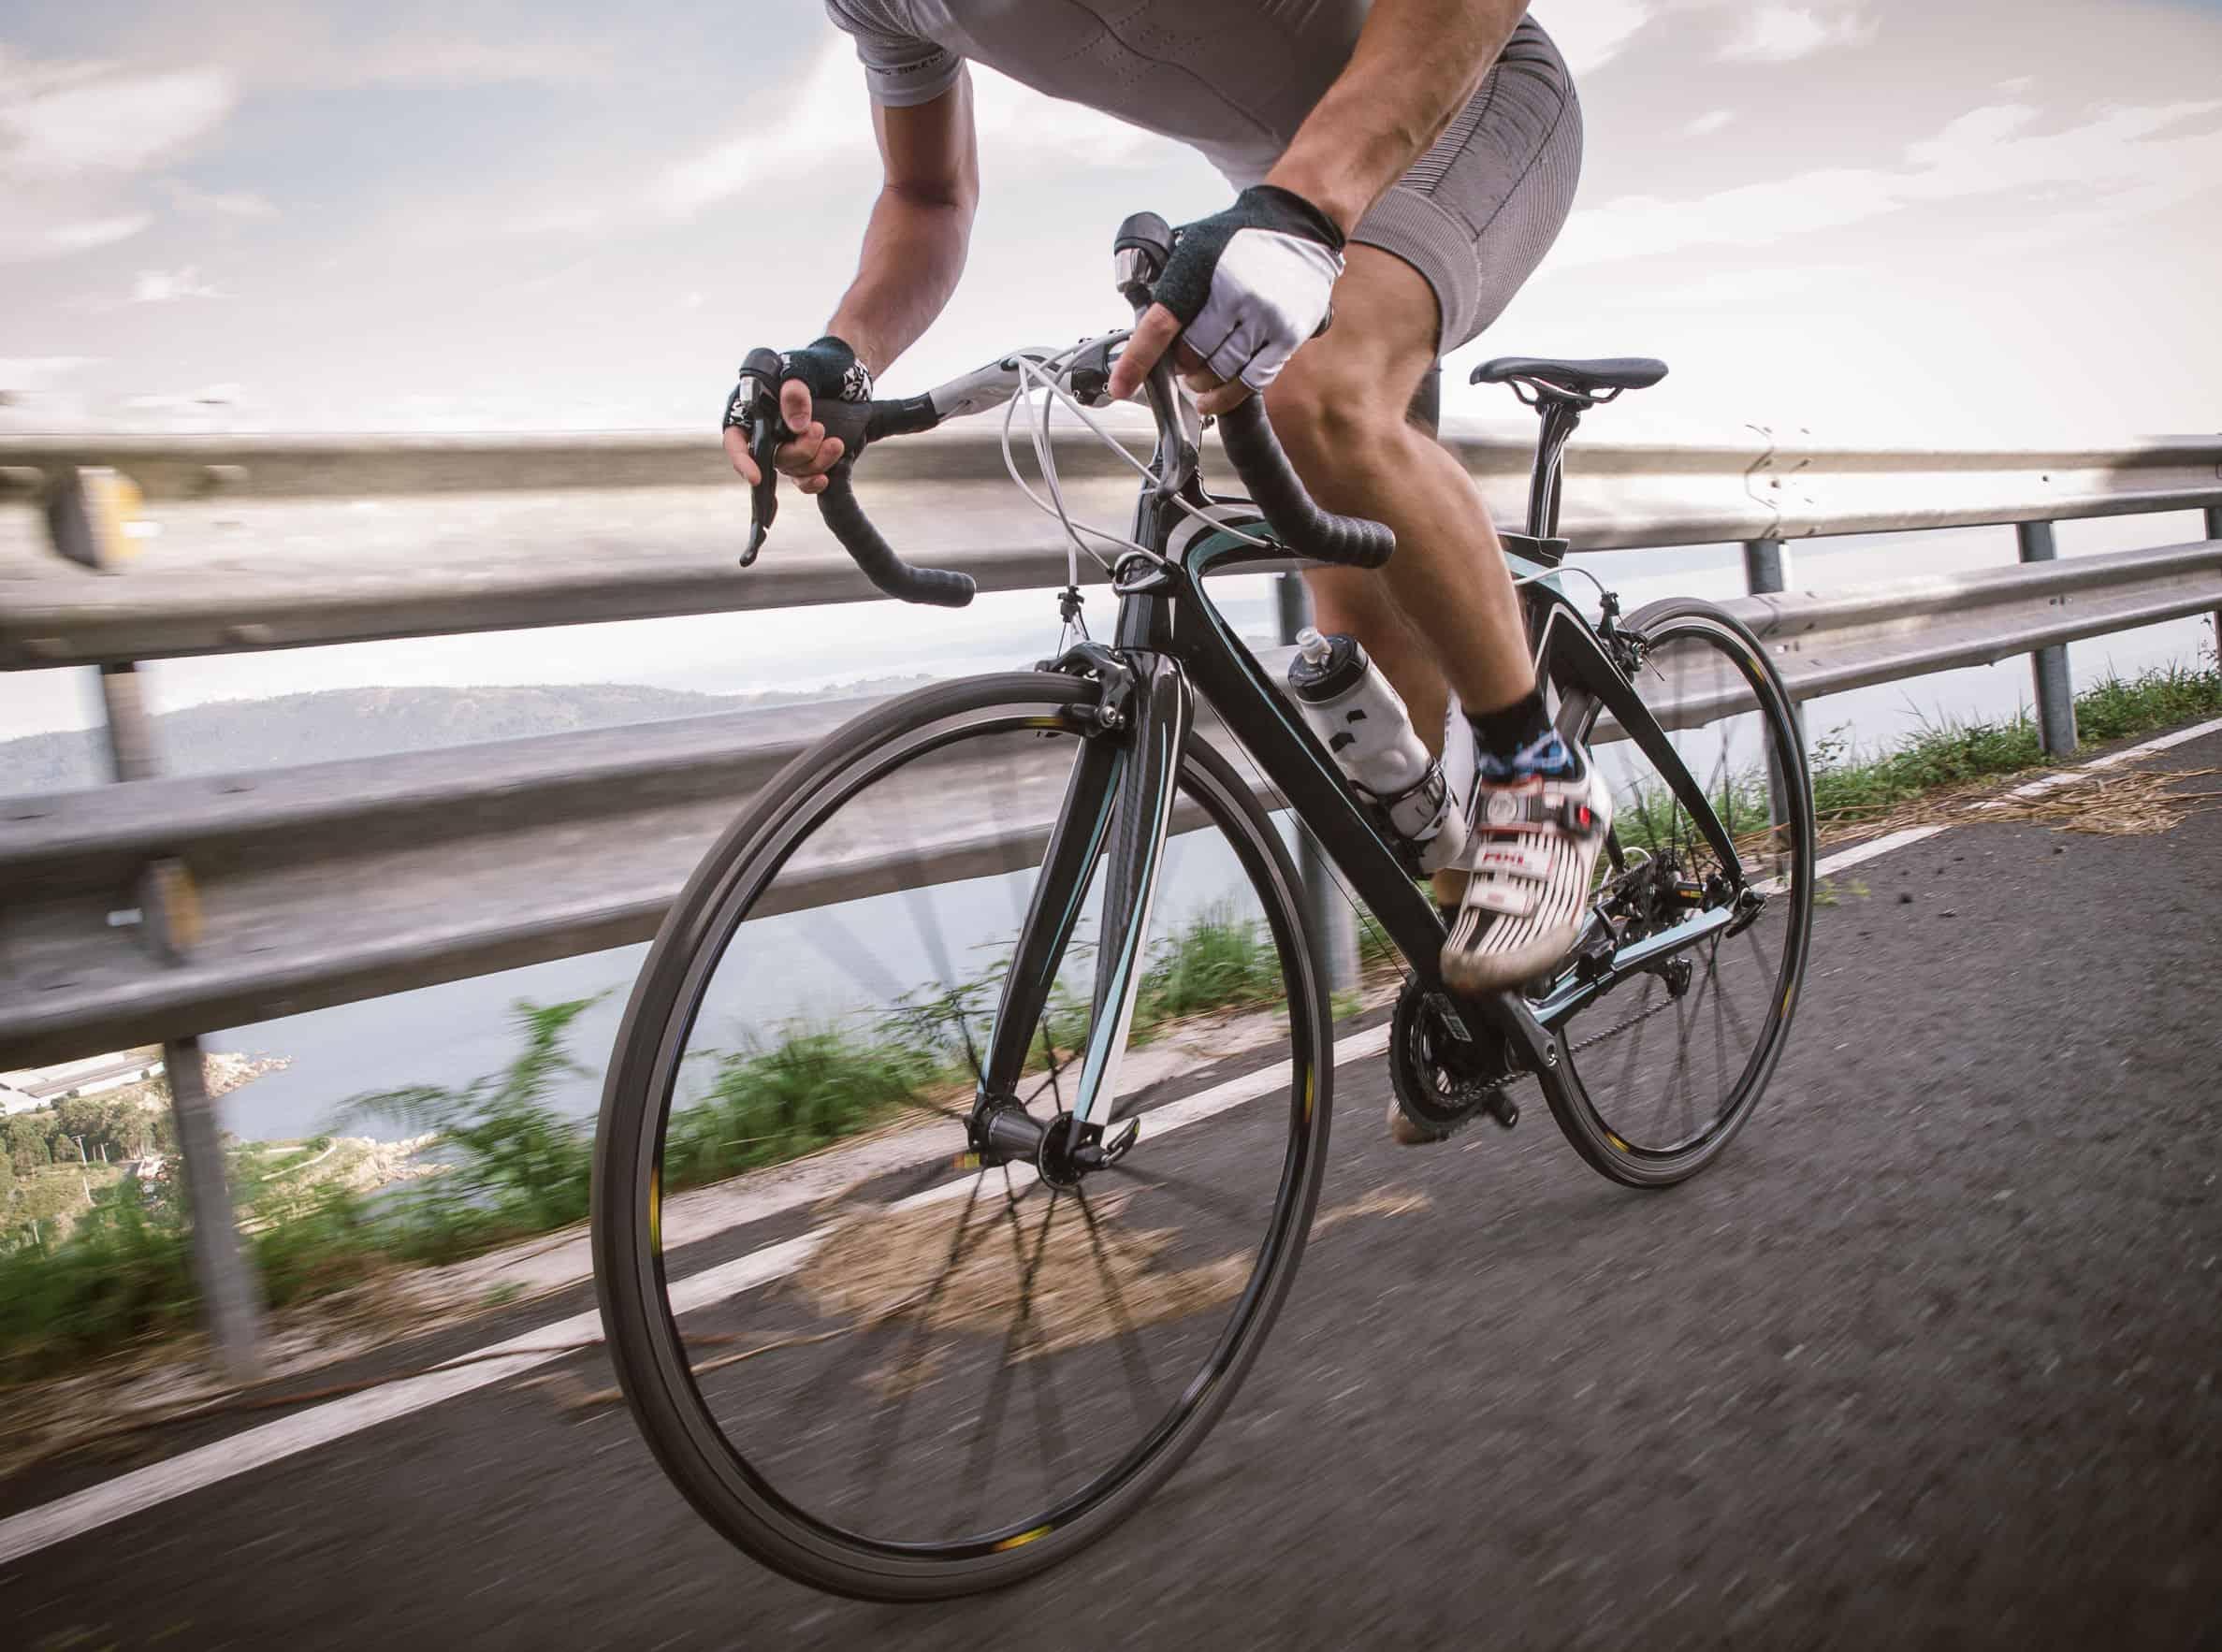 concurreren in wielerwedstrijd